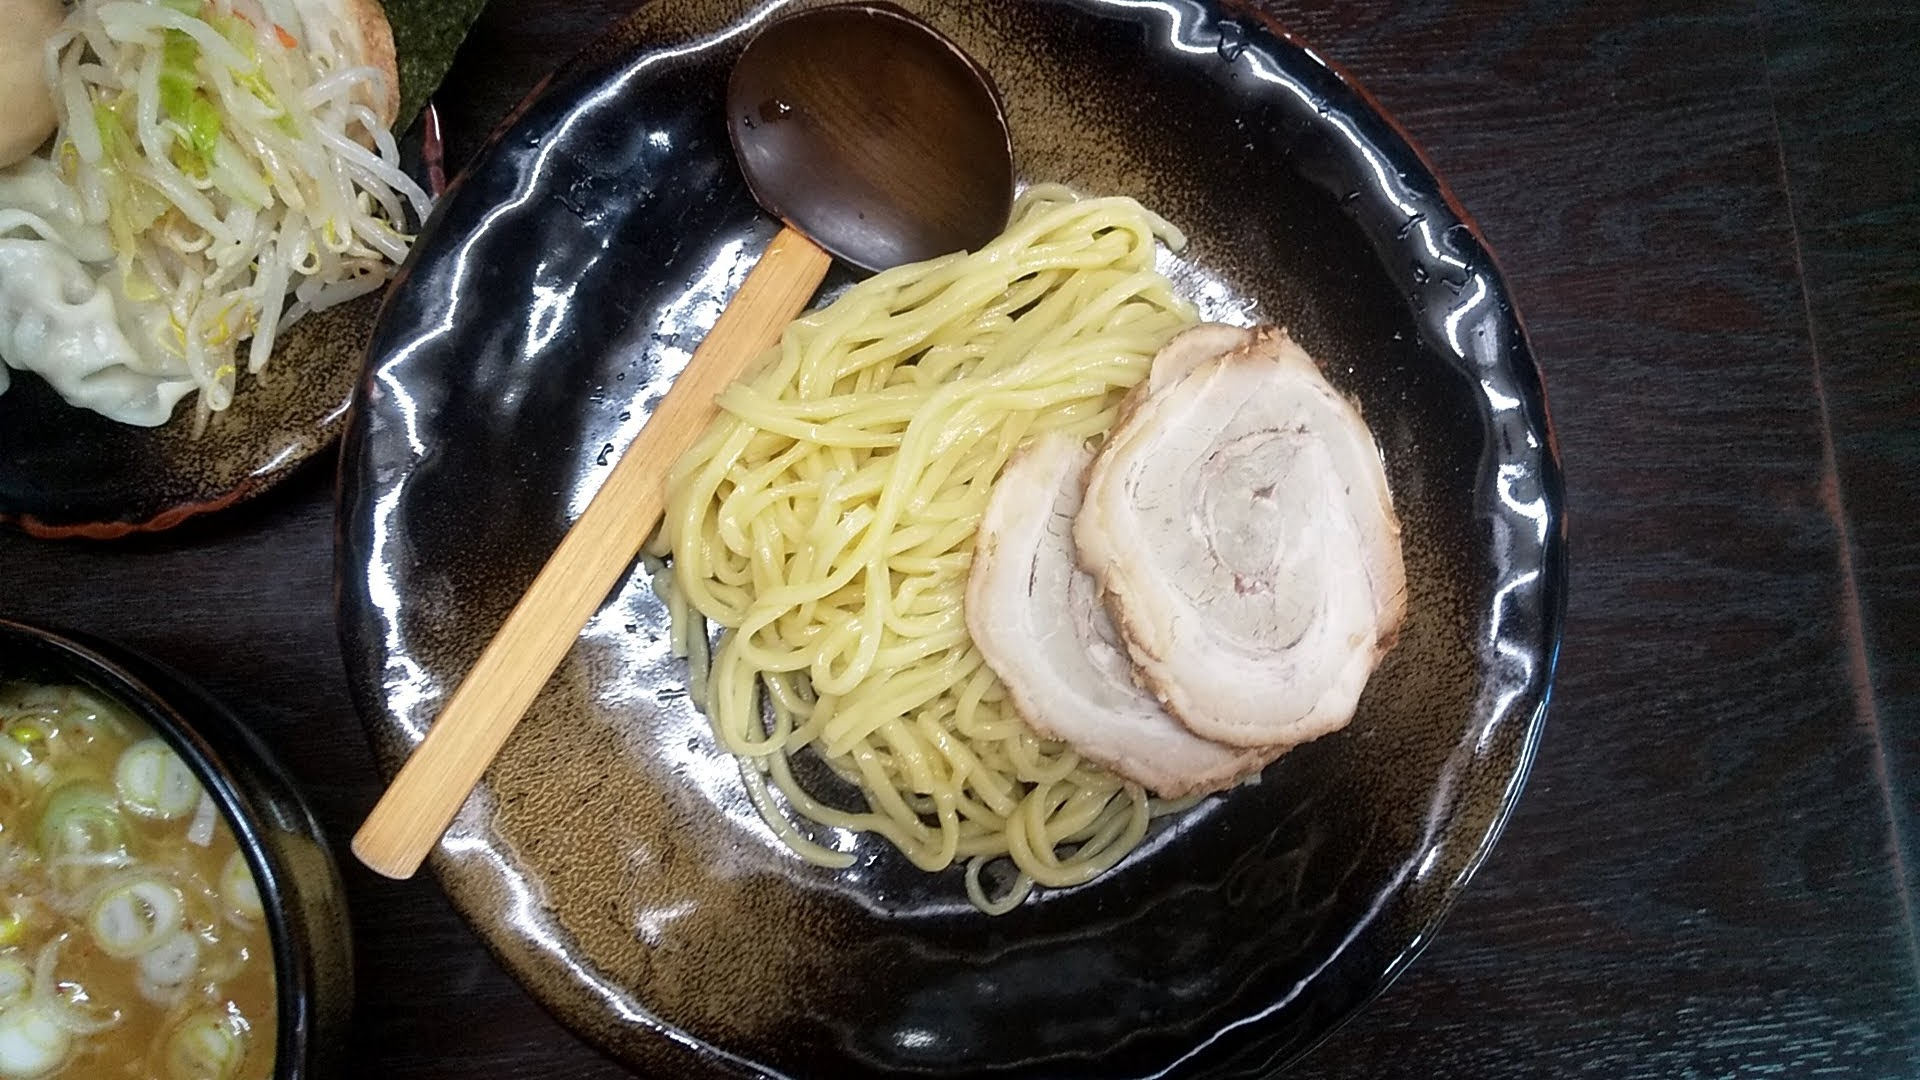 つけ麺隅田の全部のせ醤油つけ麺の麺皿